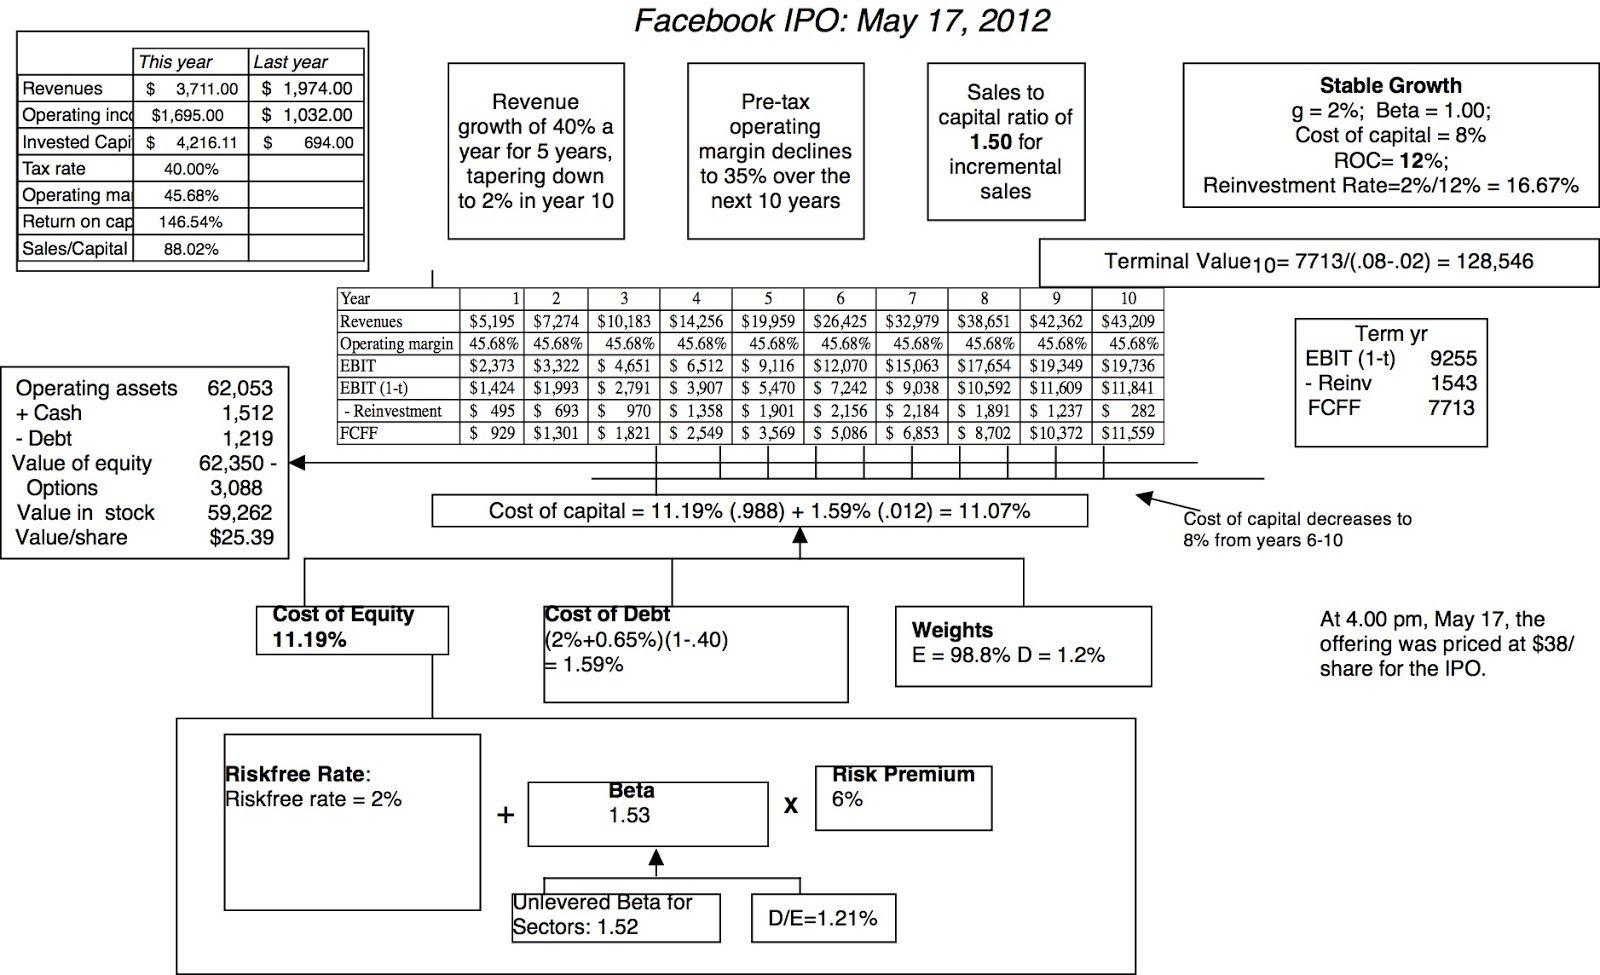 Market Mood Swings Facebook Euphoria Finance Twitter Inc Mood Swings